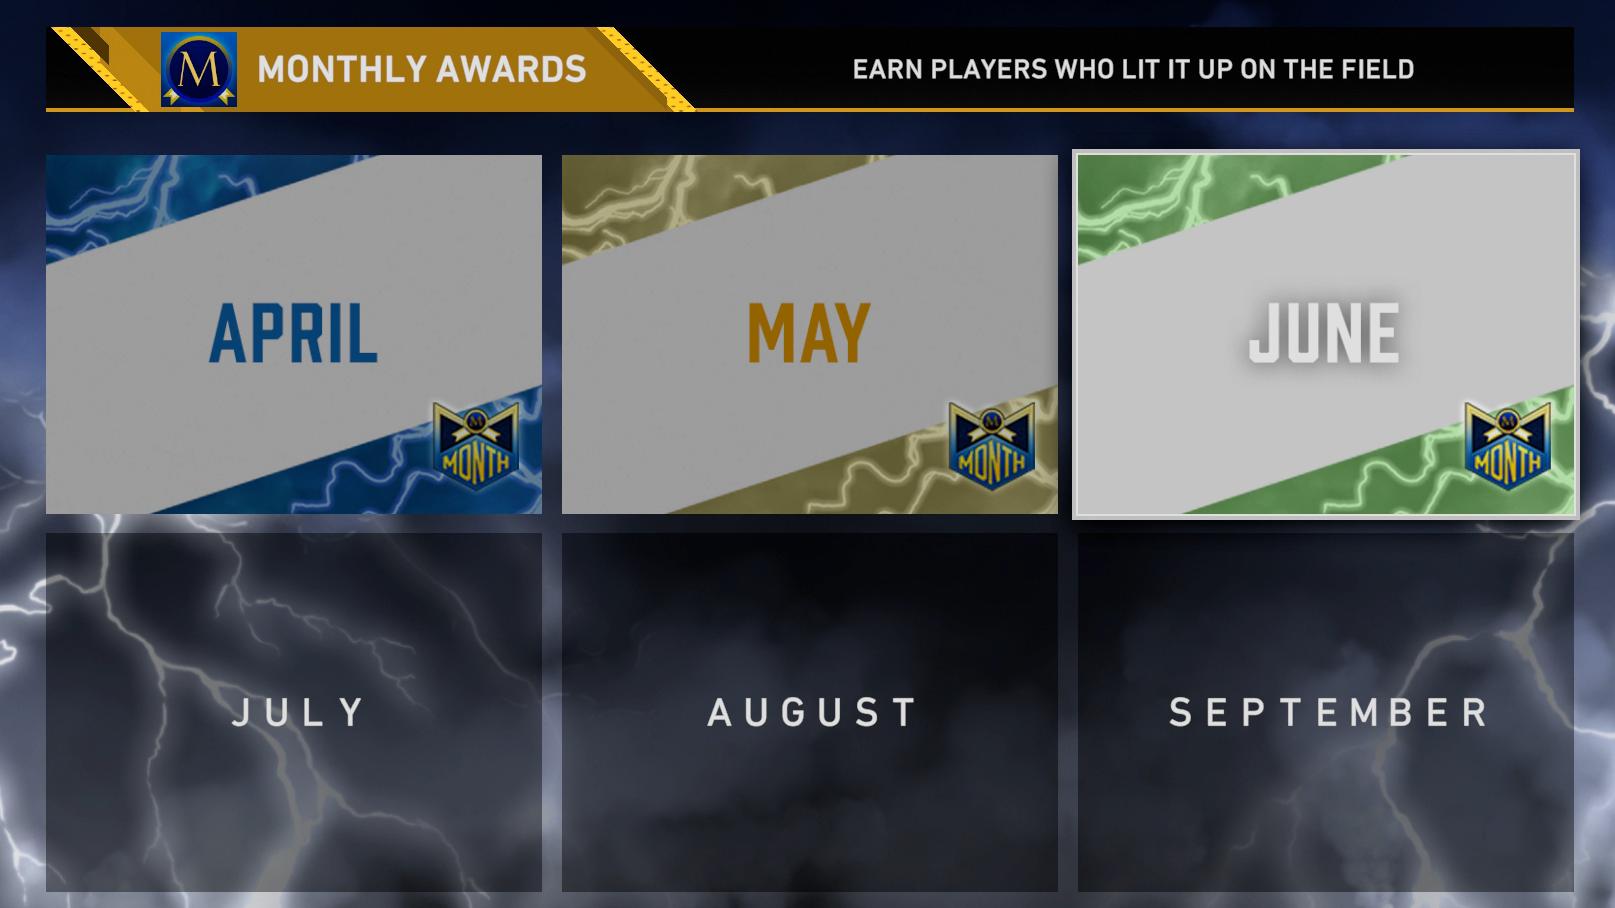 june monthly awards program